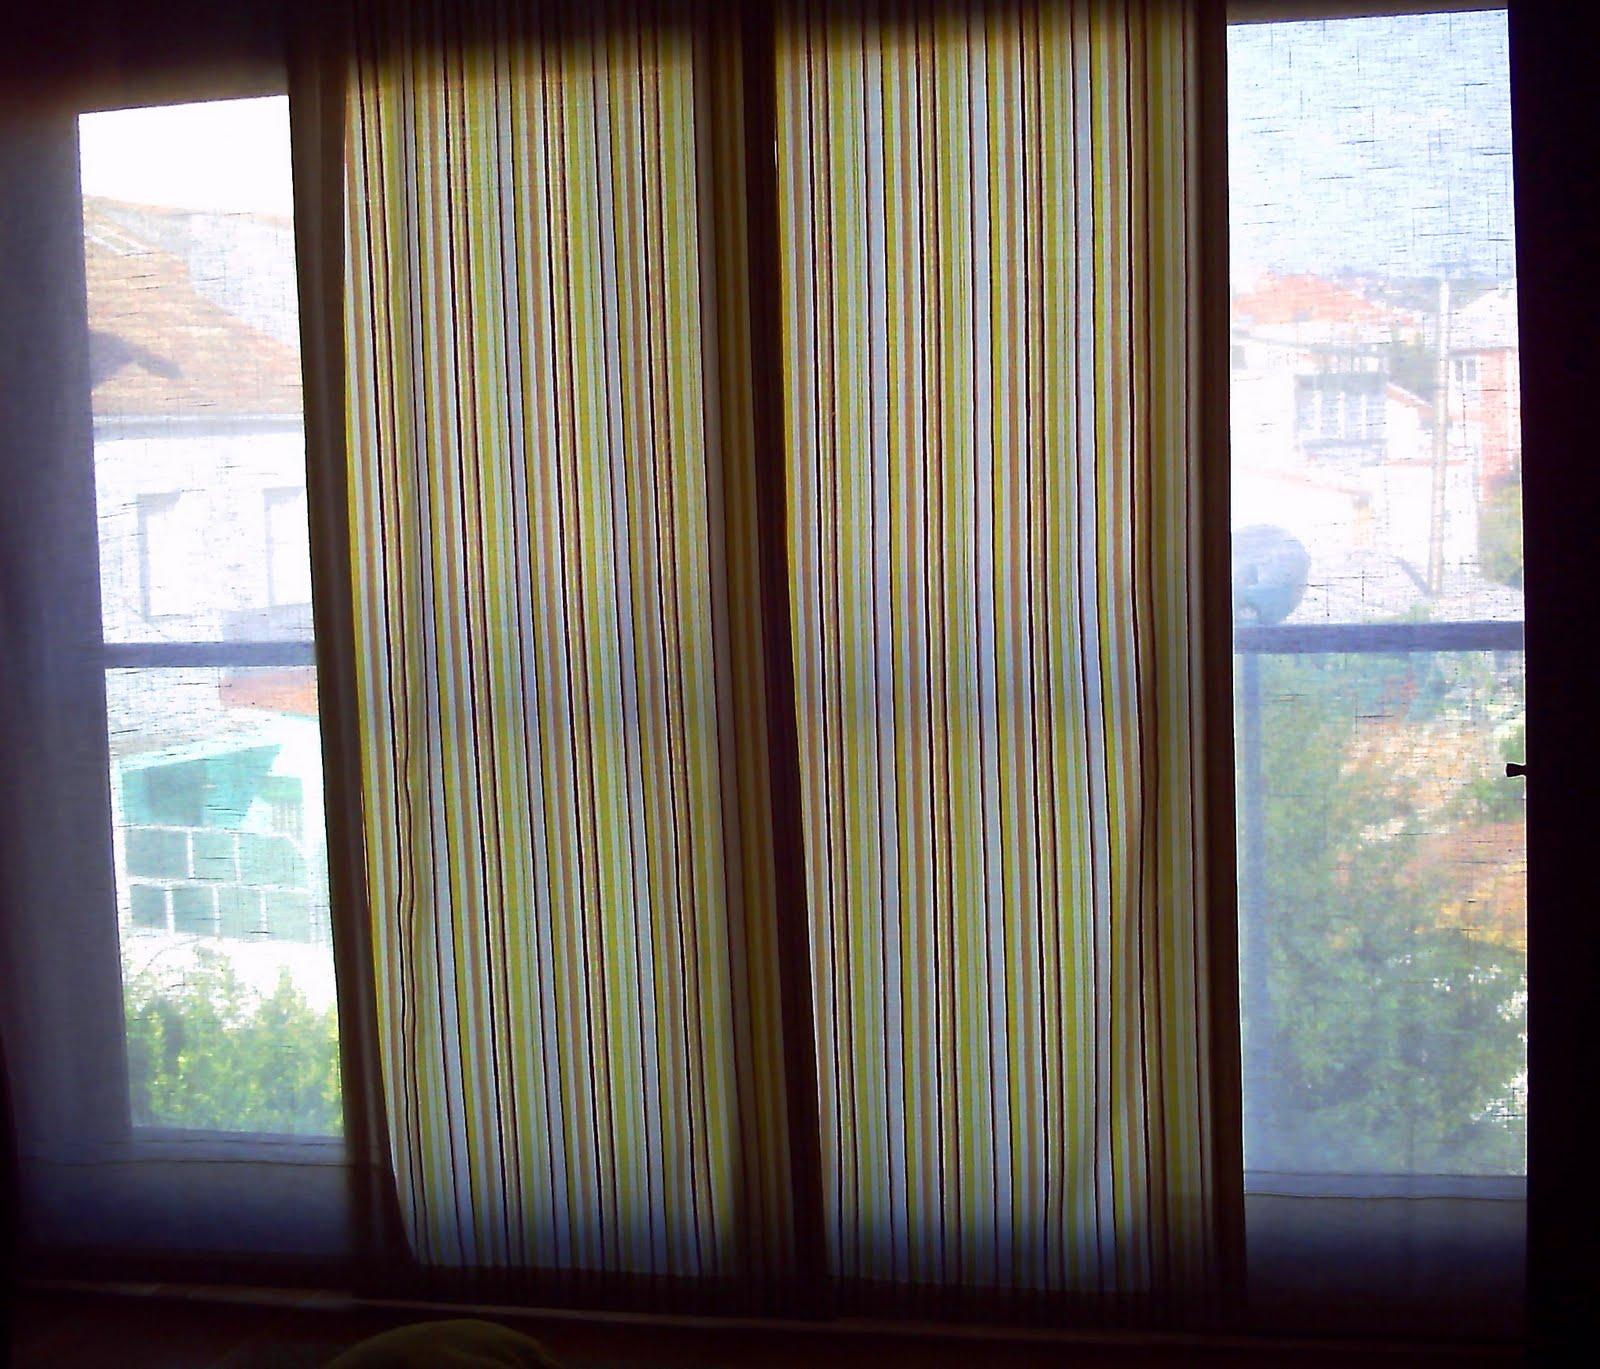 Cosas de casa paneles japoneses - Fotos paneles japoneses ...